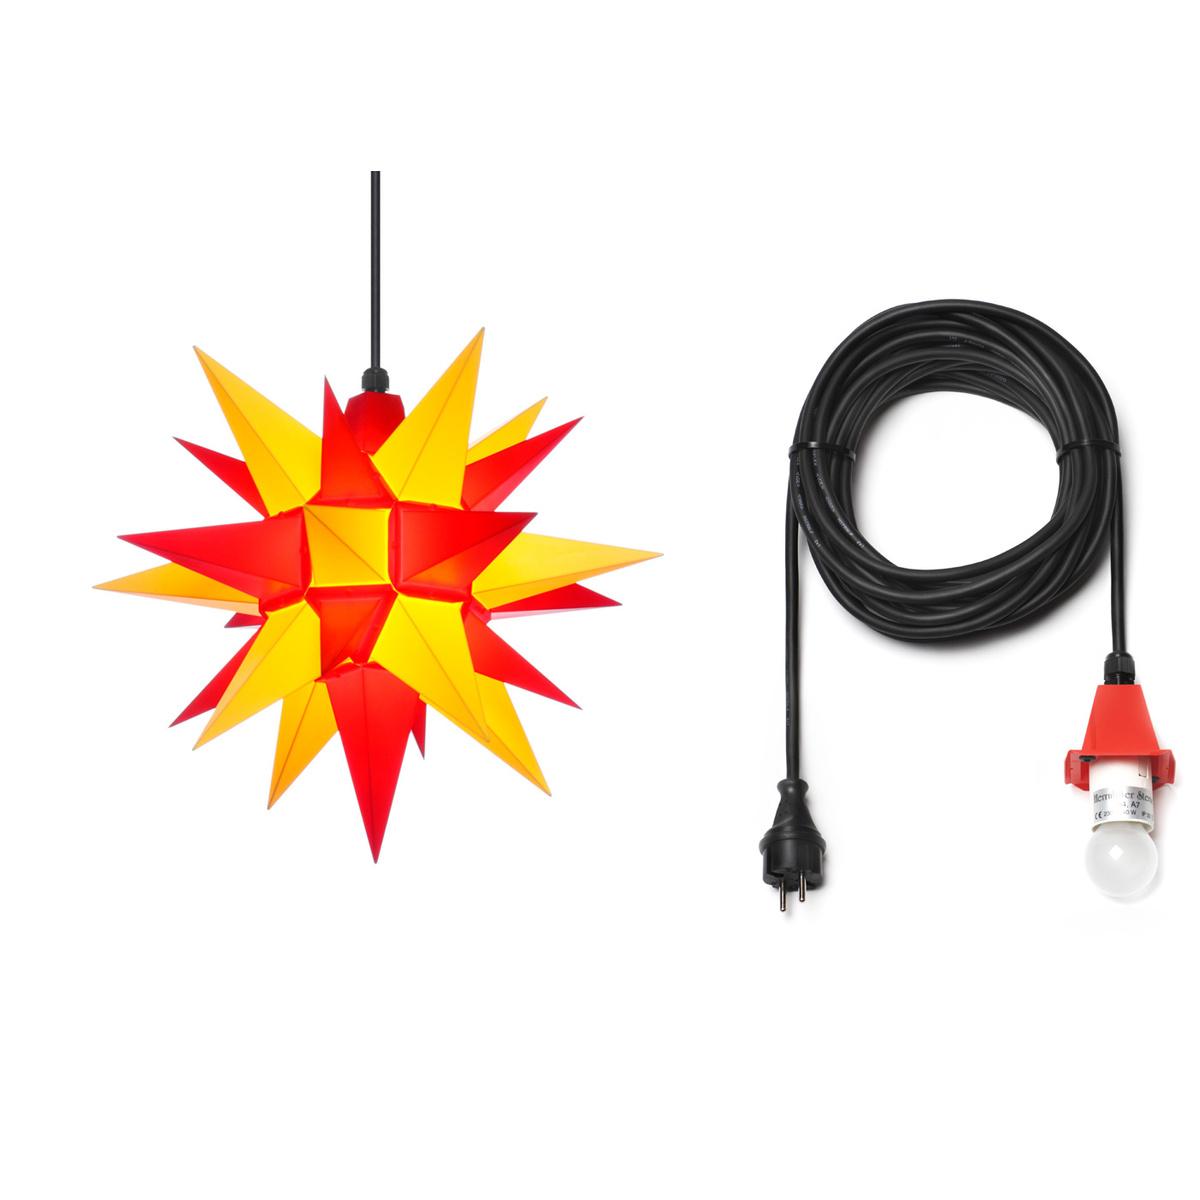 herrnhuter stern plastik a4 40 cm gelb rot mit kabel 10 m von herrnhuter sterne f r 69 5. Black Bedroom Furniture Sets. Home Design Ideas